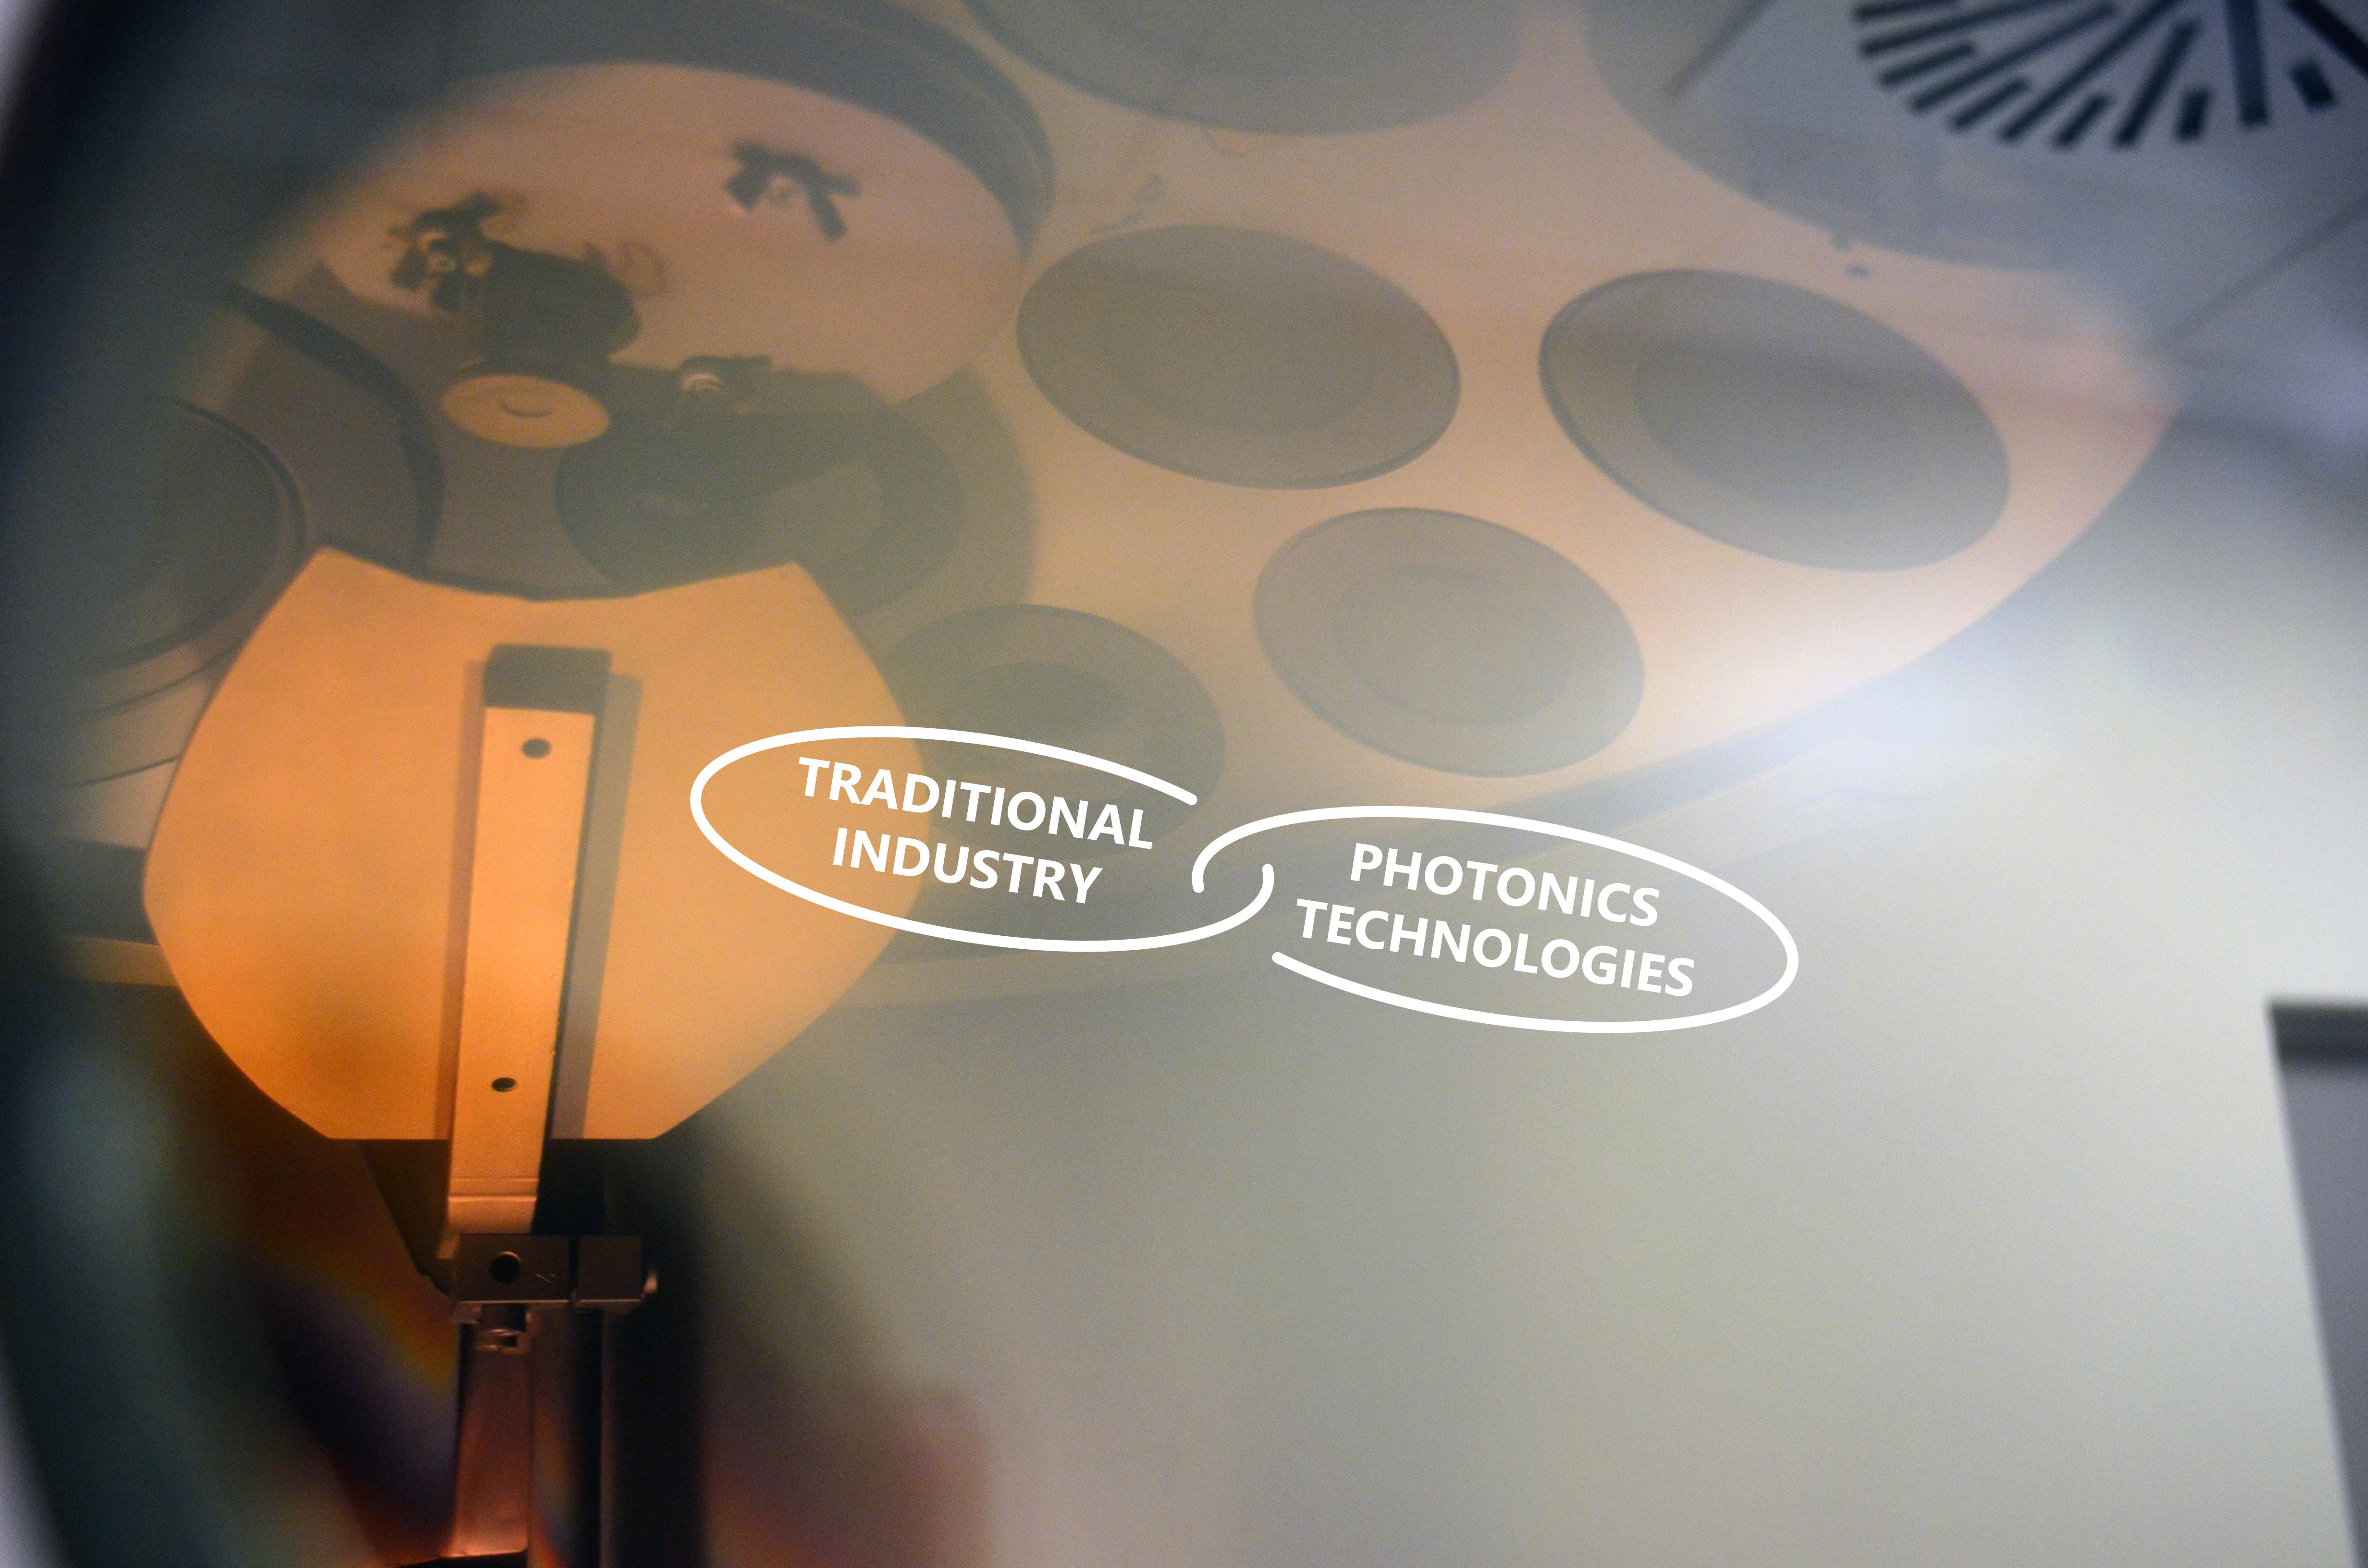 Fotonika Ir Lazerinės Technologijos Padeda įgyvendinti Skaitmenines Transformacijas: Europa Skiria Virš 7,4 Mln. Eurų